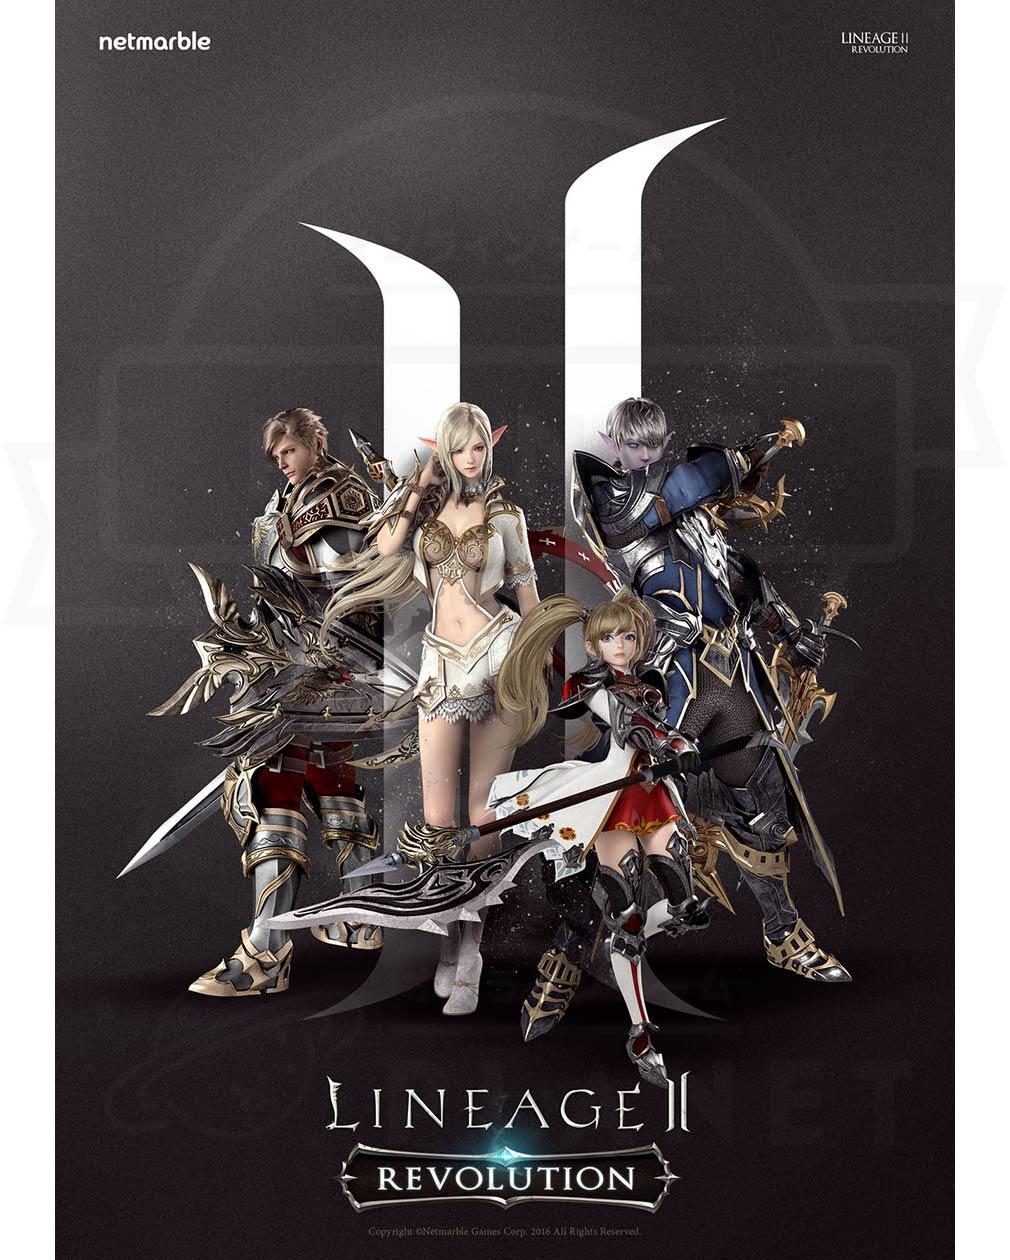 リネージュ2 レボリューション(Lineage2 Revolution) L2R ポスター